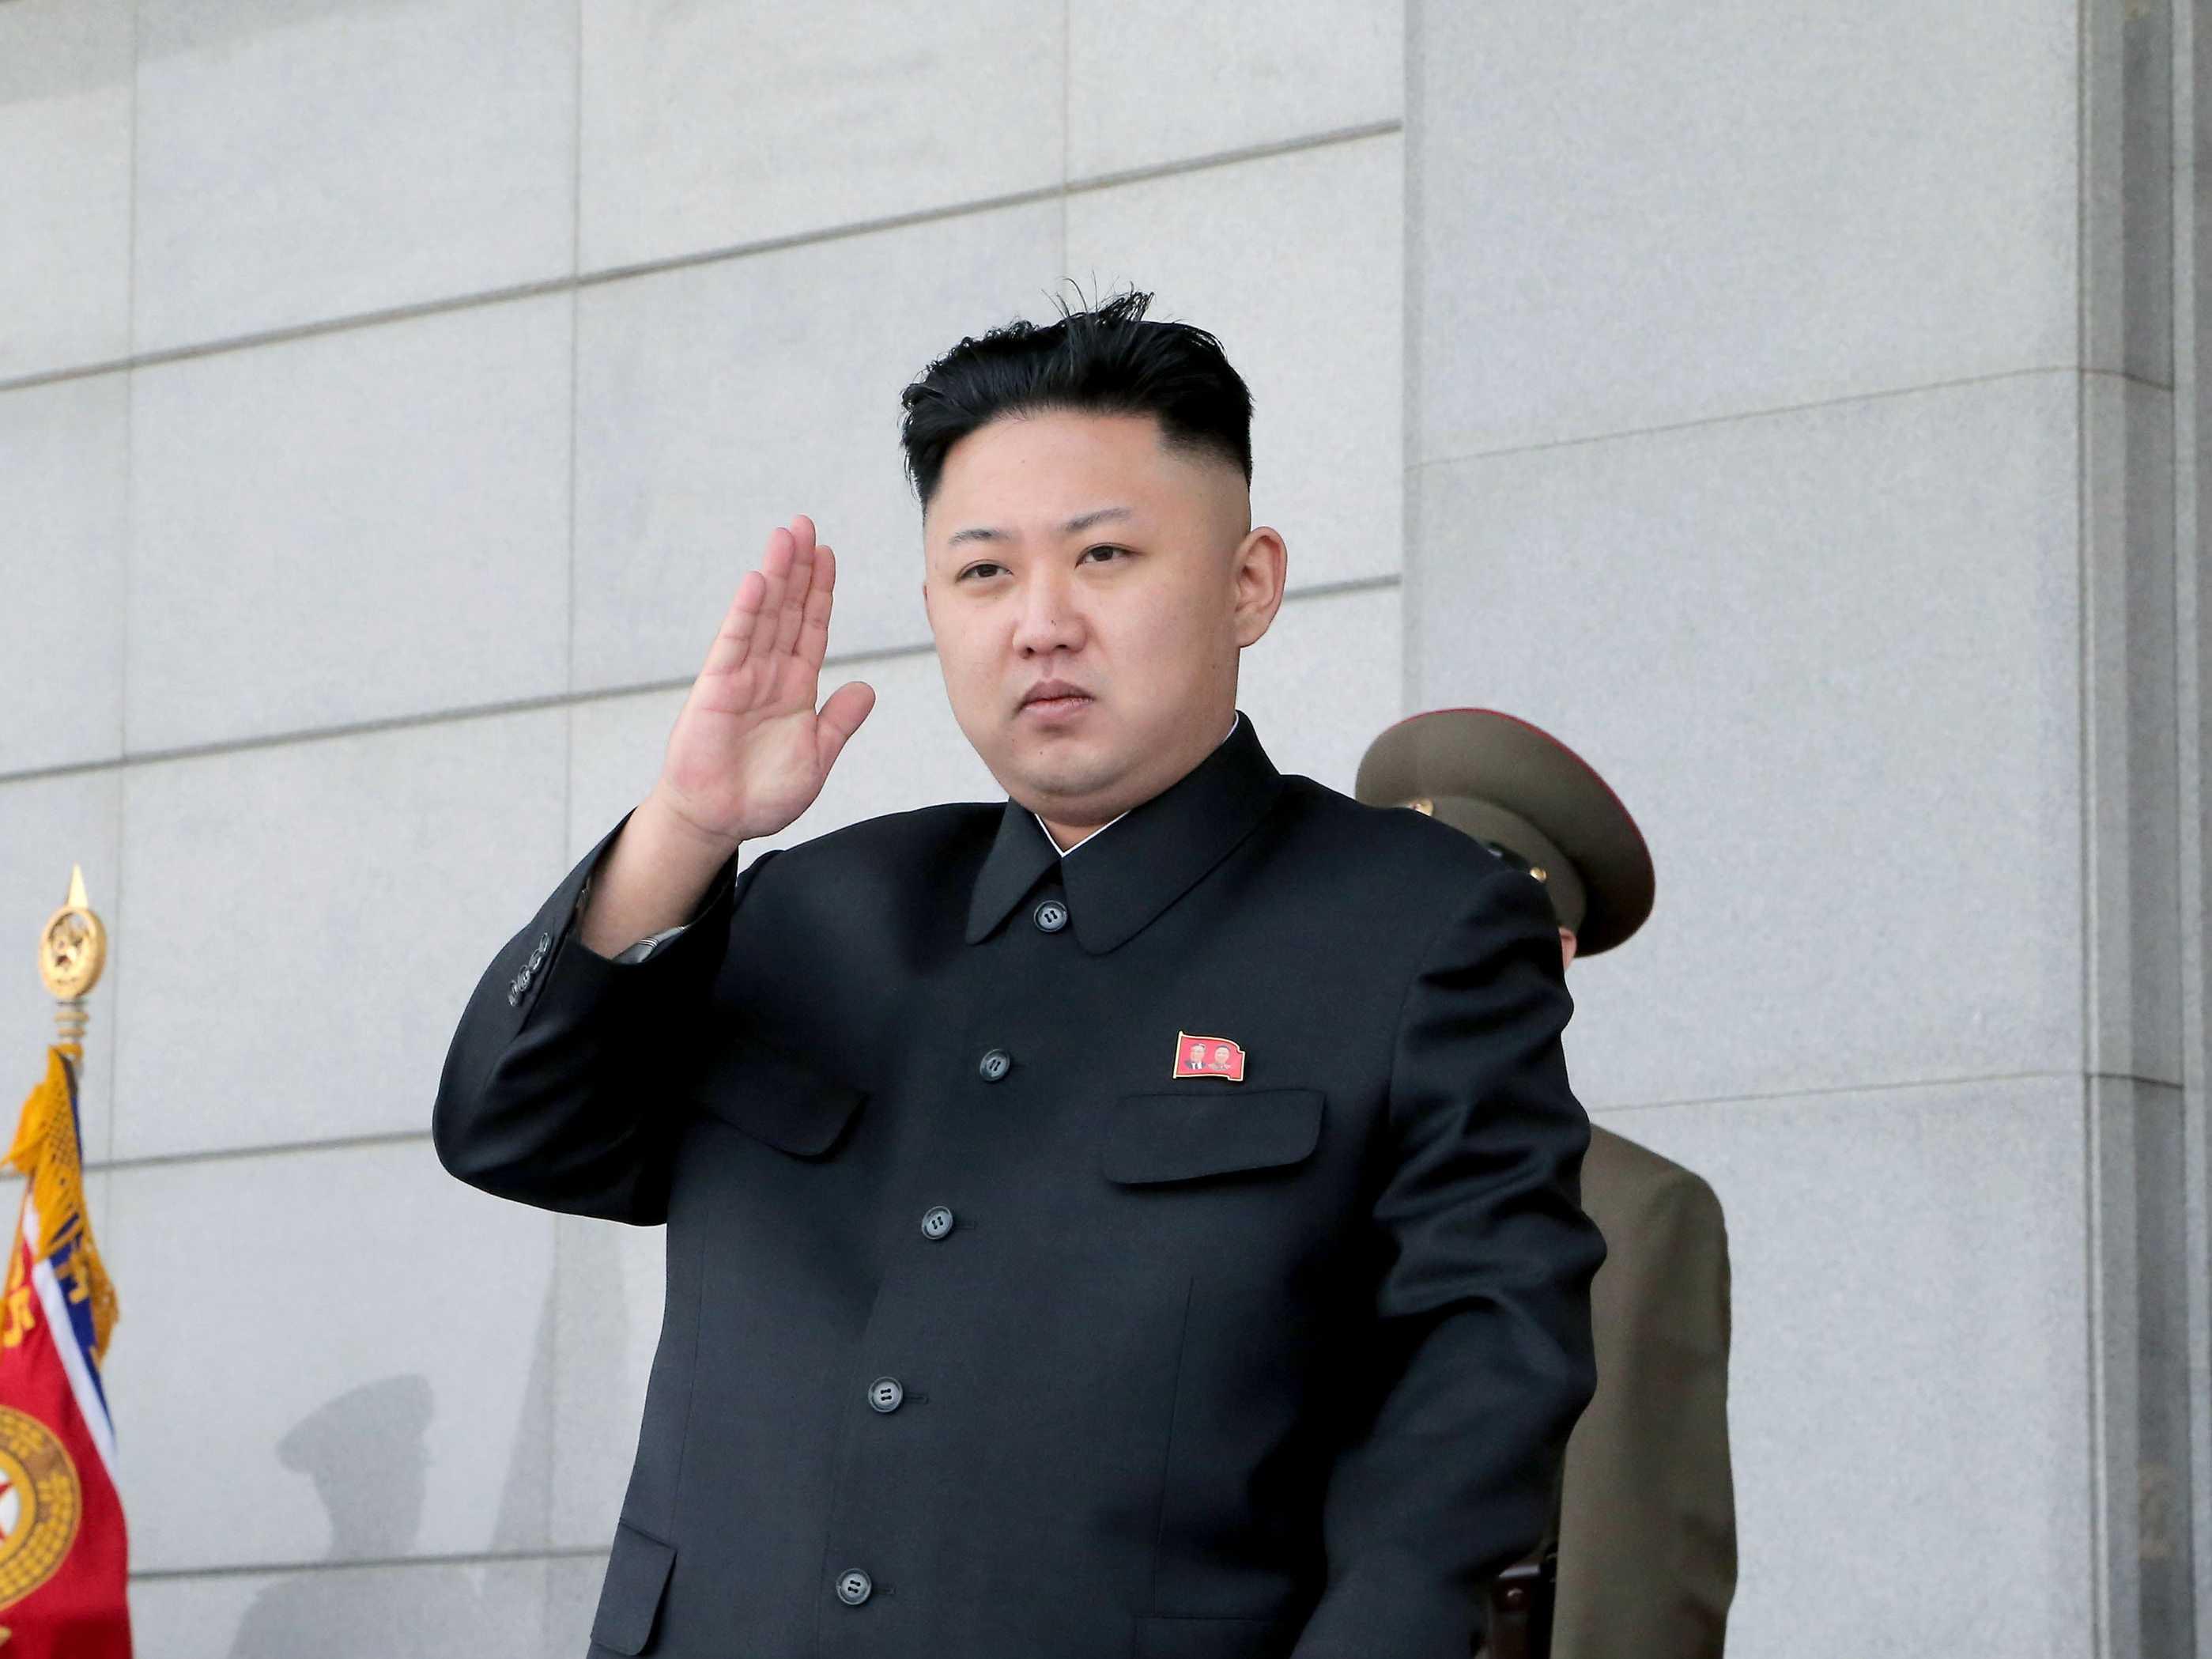 Kim Jong-un đã ra lệnh đầu độc cô ruột? 1